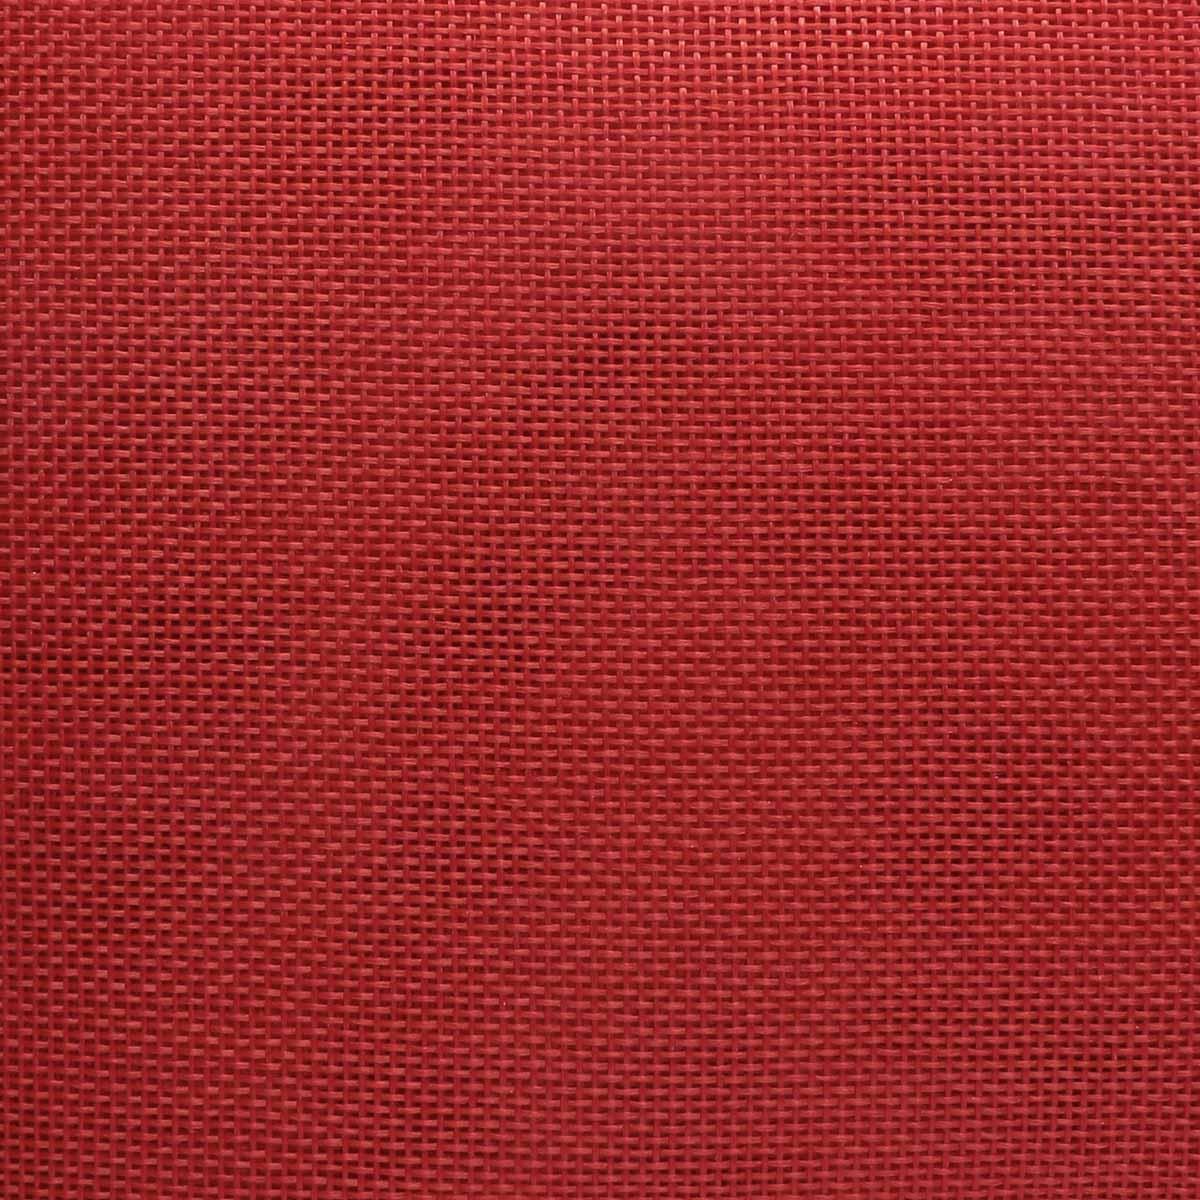 2AR111 Рогожка 100% полиэстер 48*50см (красный)